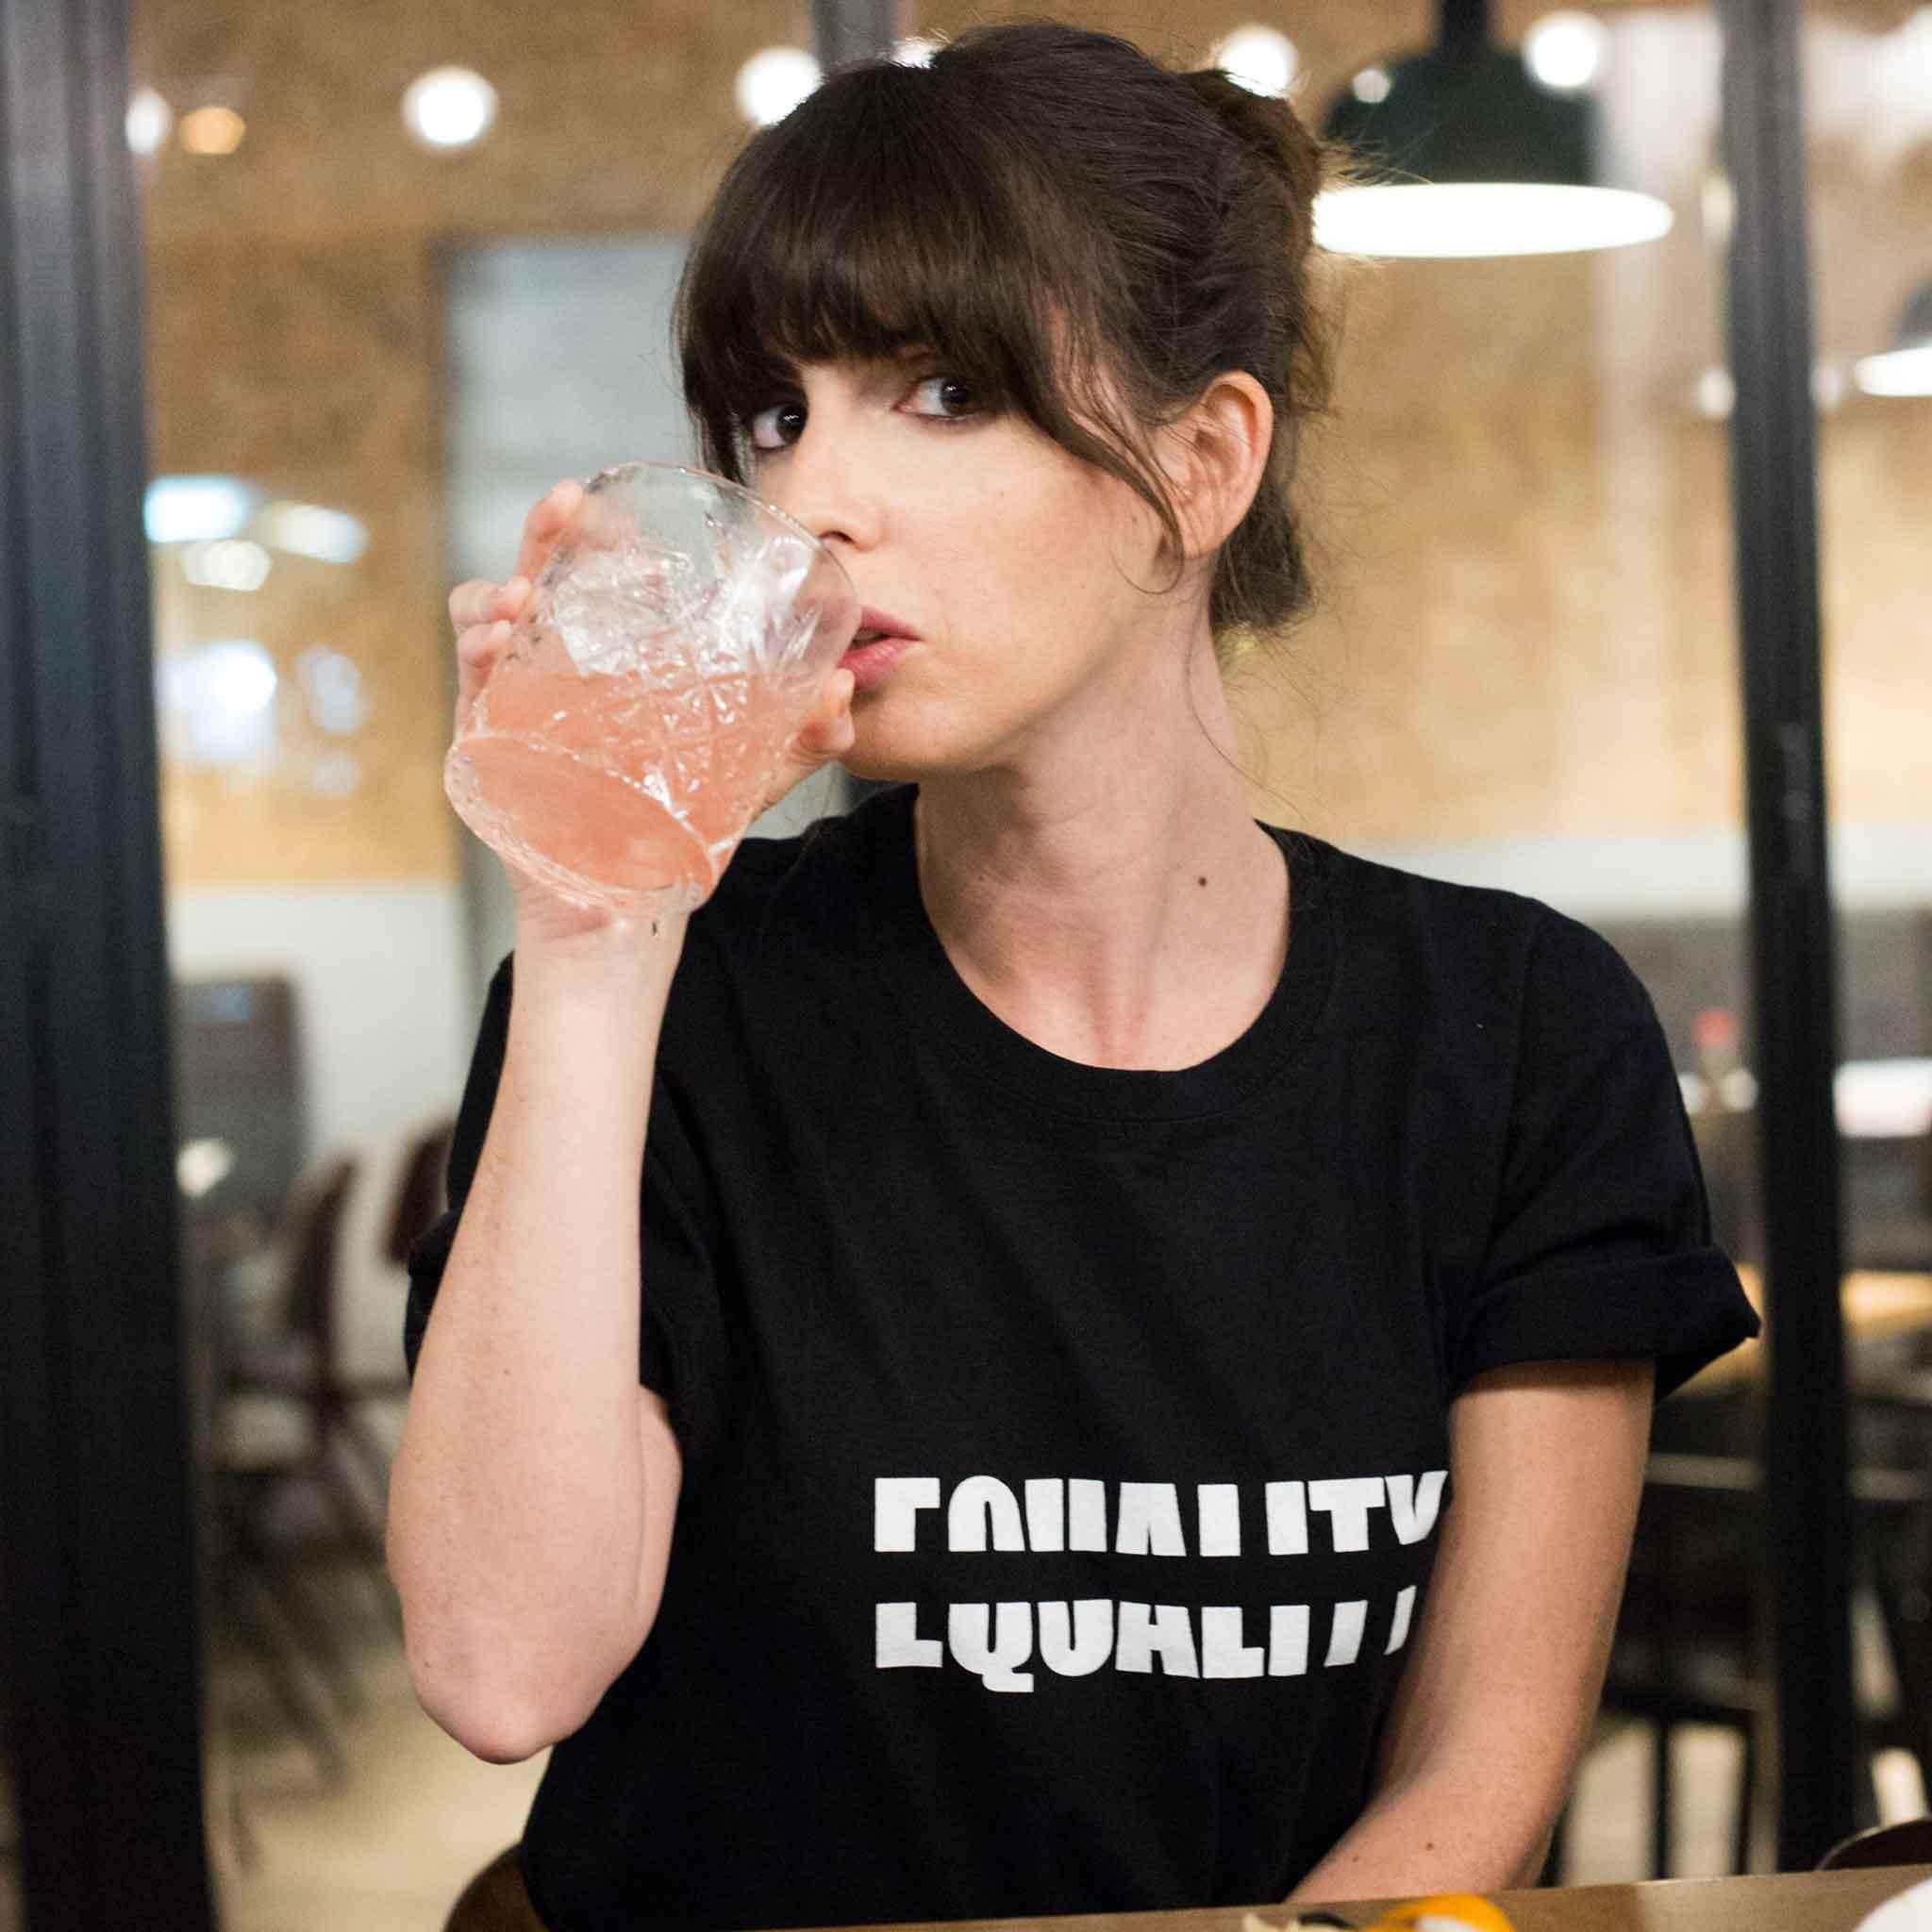 טי שירט יוניסקס Equality